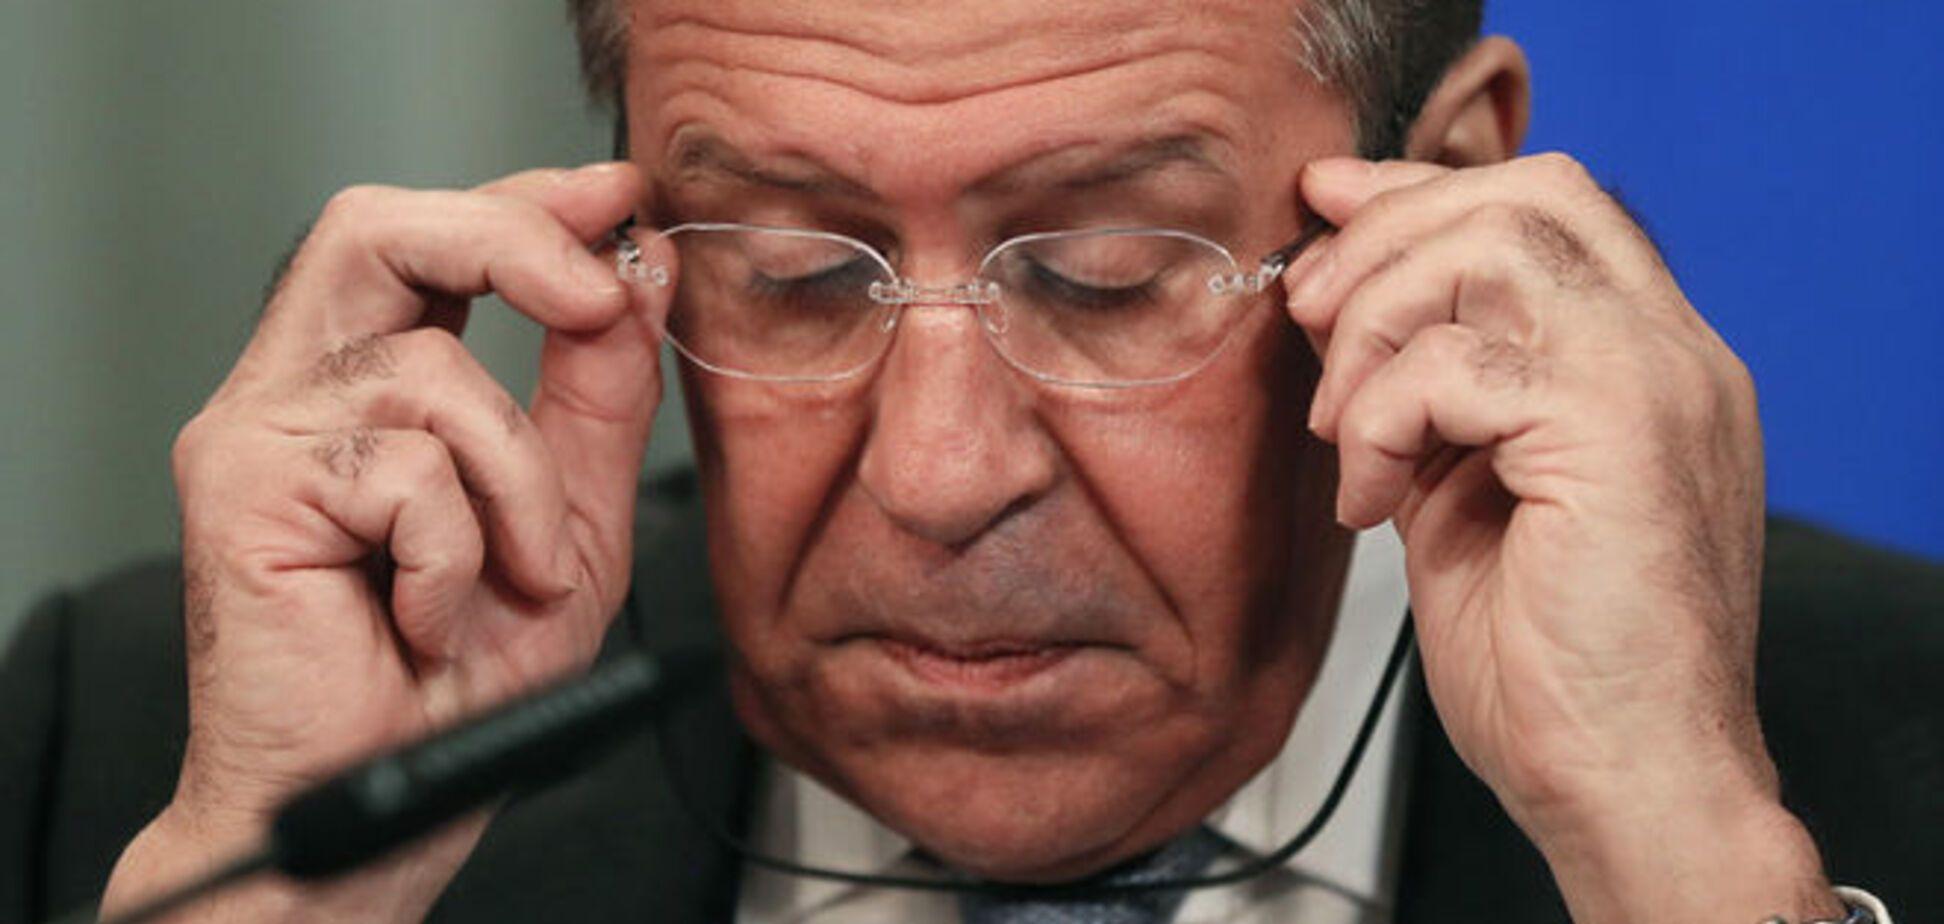 Лавров грубо отреагировал на беспрецедентную резолюцию ПА ОБСЕ по России